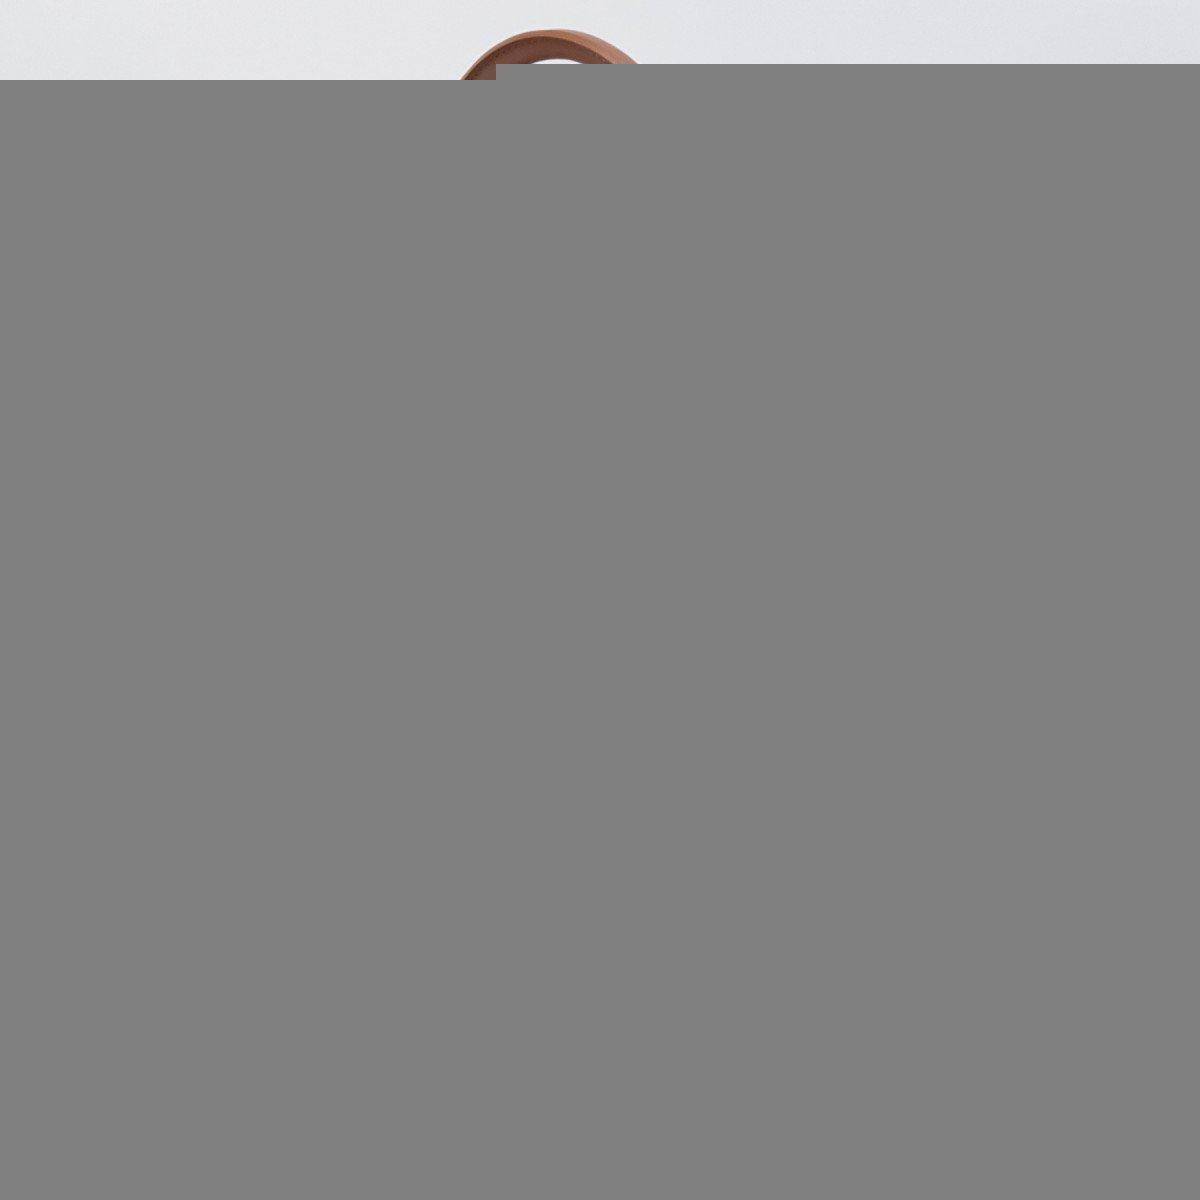 Женская кожаная сумка Sara Burglar A0S1V604 CUOIO из натуральной кожи